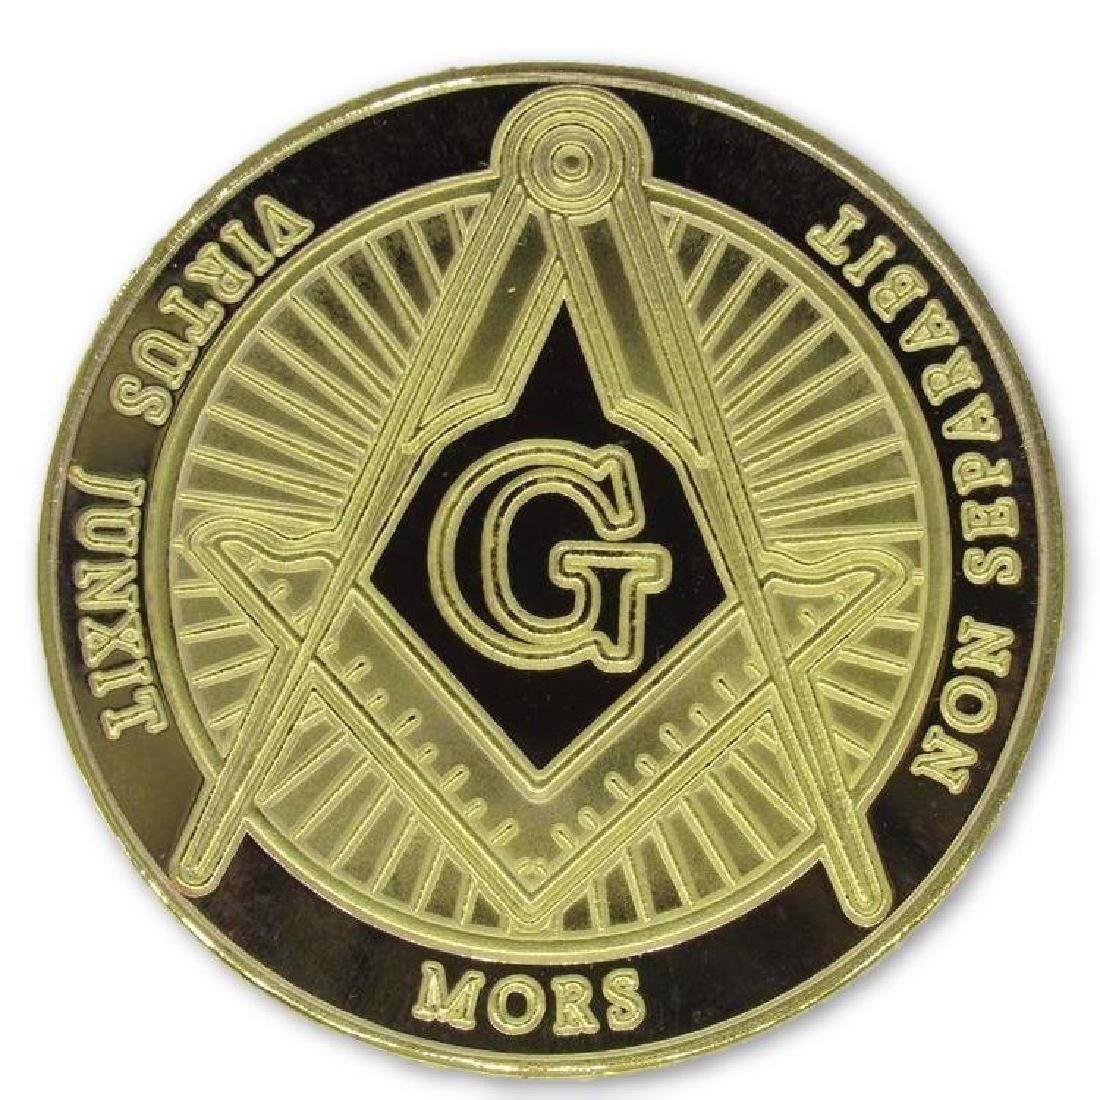 Freemason 24K Gold Clad Collectible Token Coin - 2